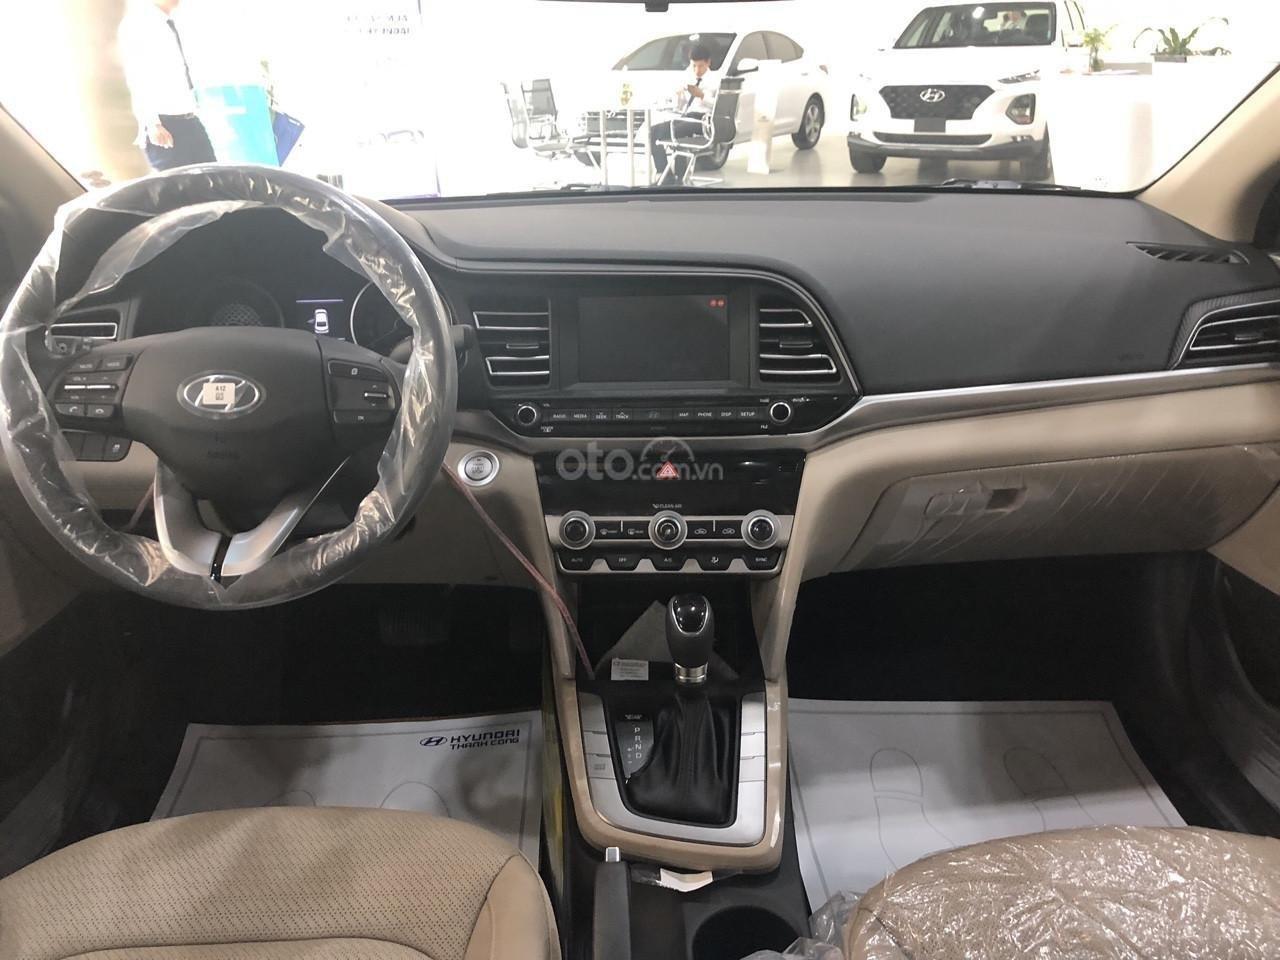 Cần bán xe Hyundai Elantra 1.6AT đời 2019, màu đen, giá cạnh tranh (4)